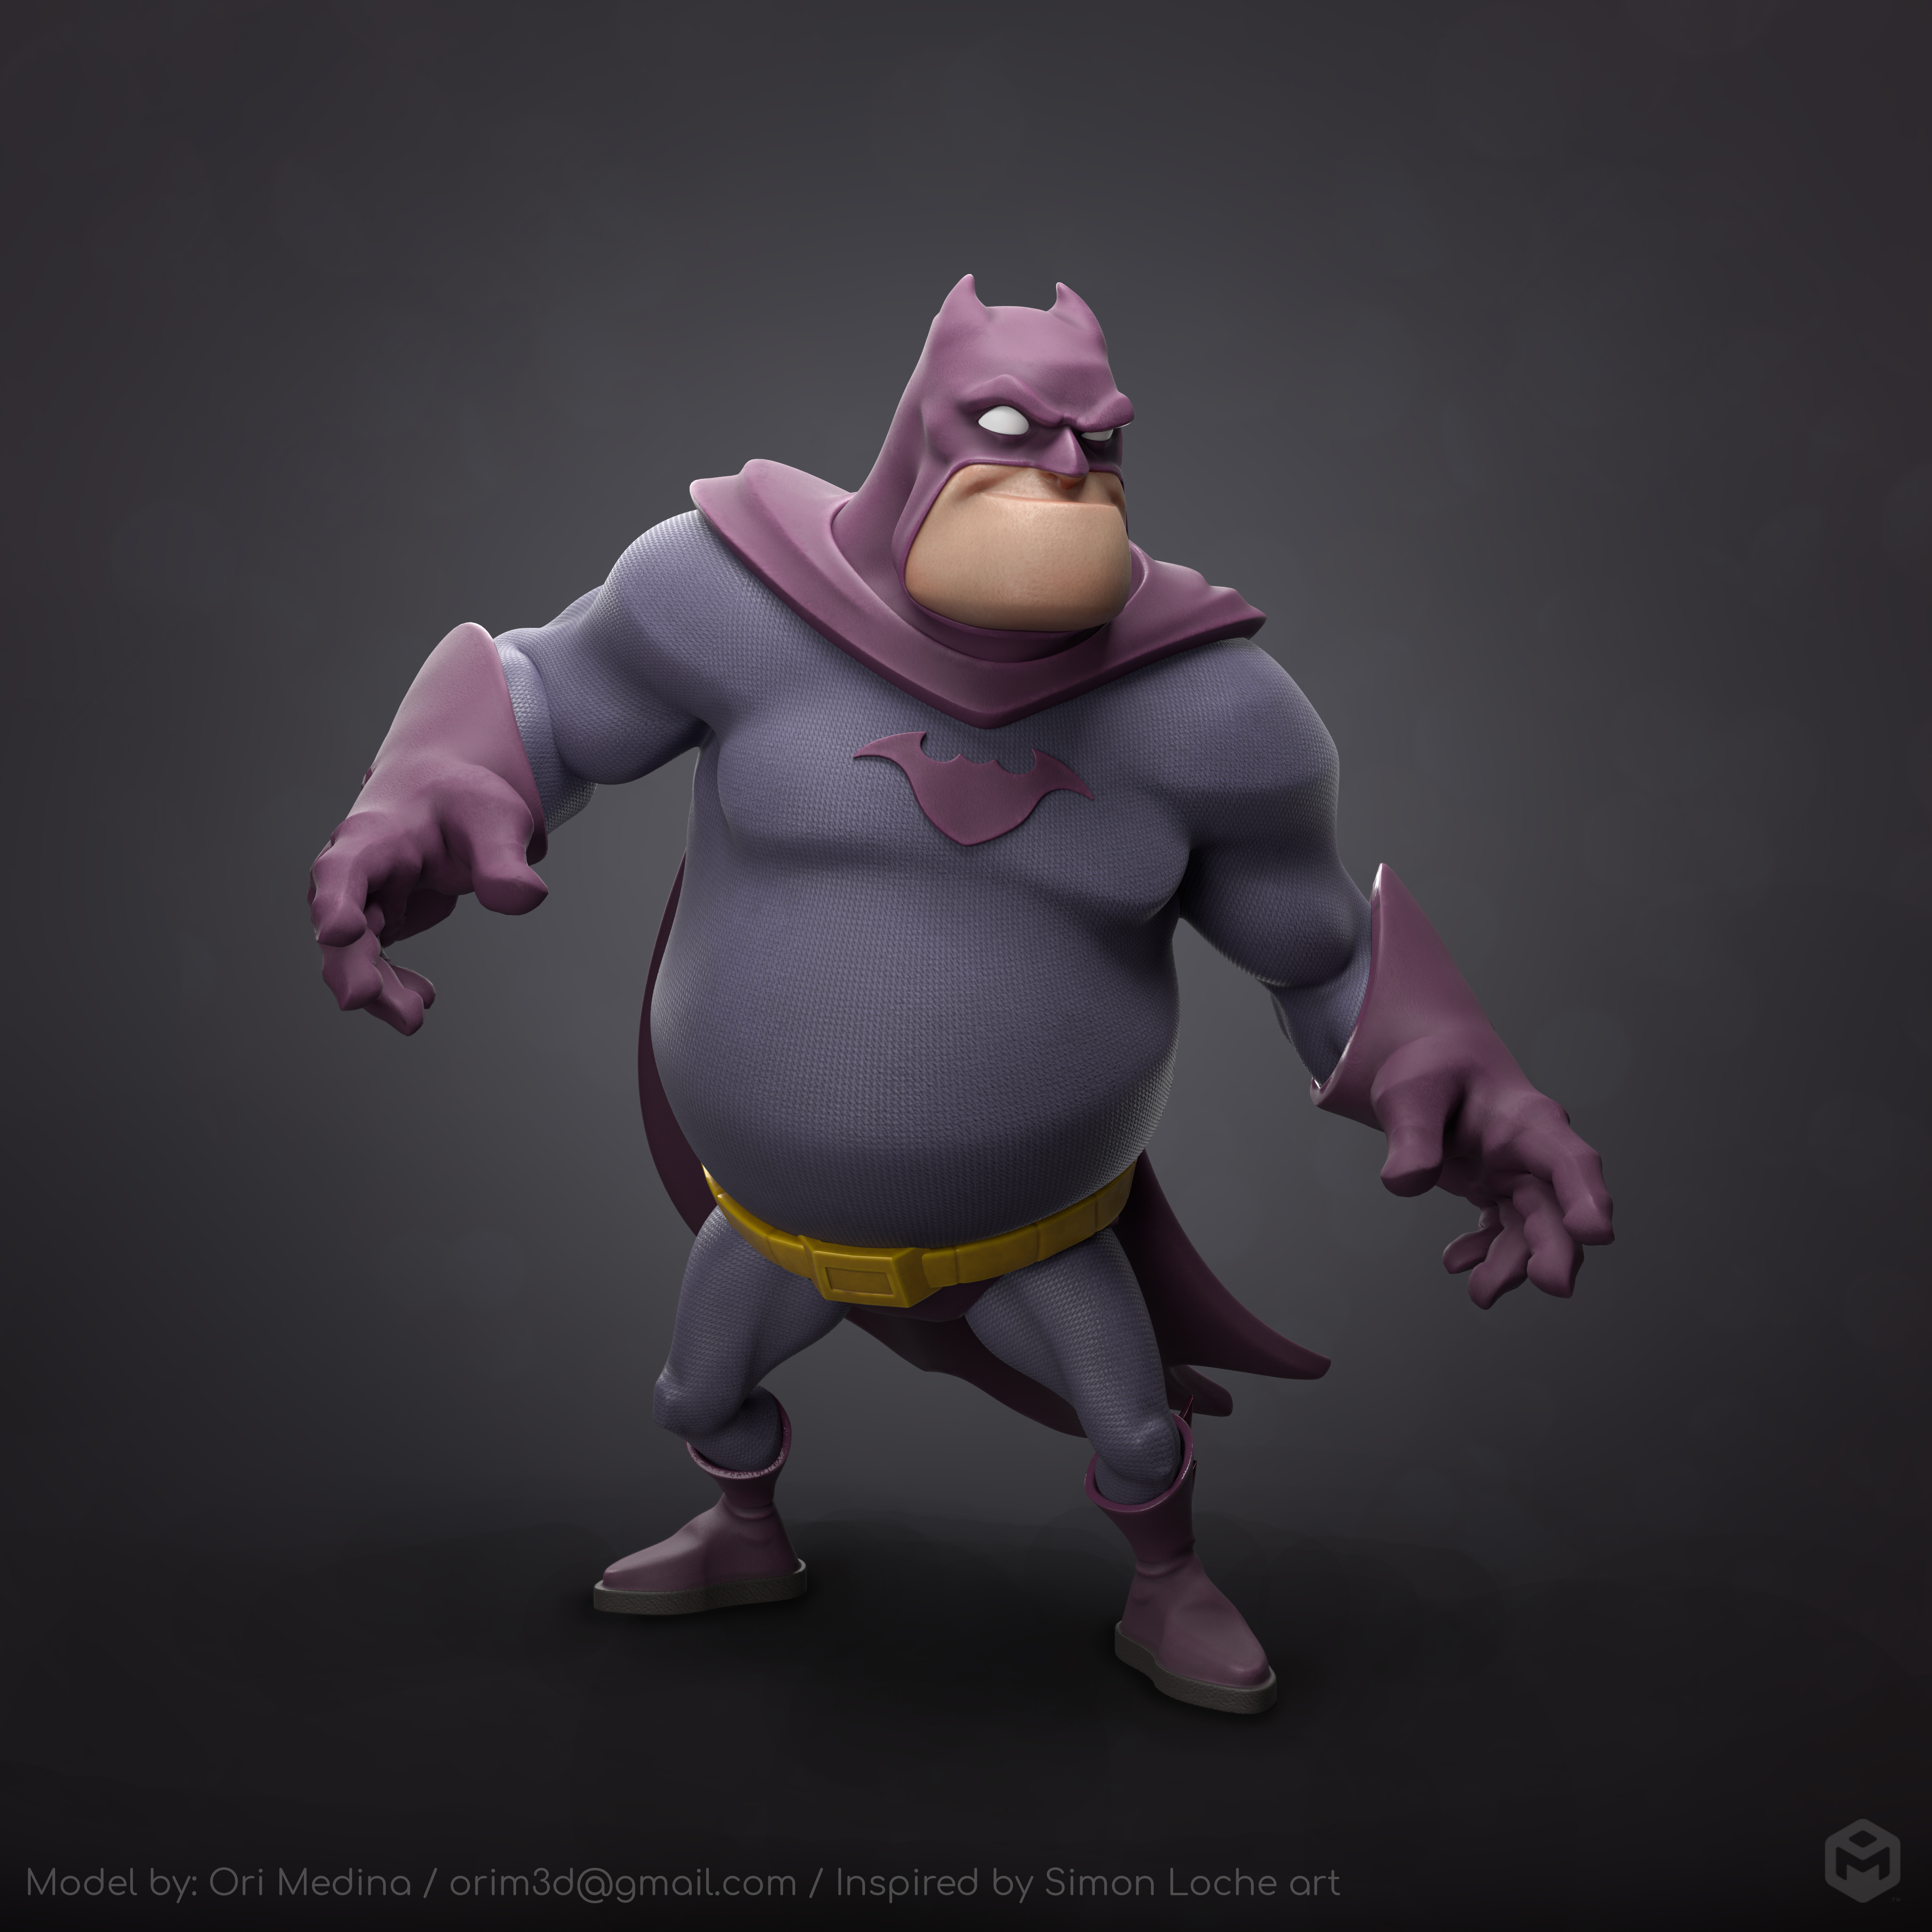 蝙蝠侠:胖而致命